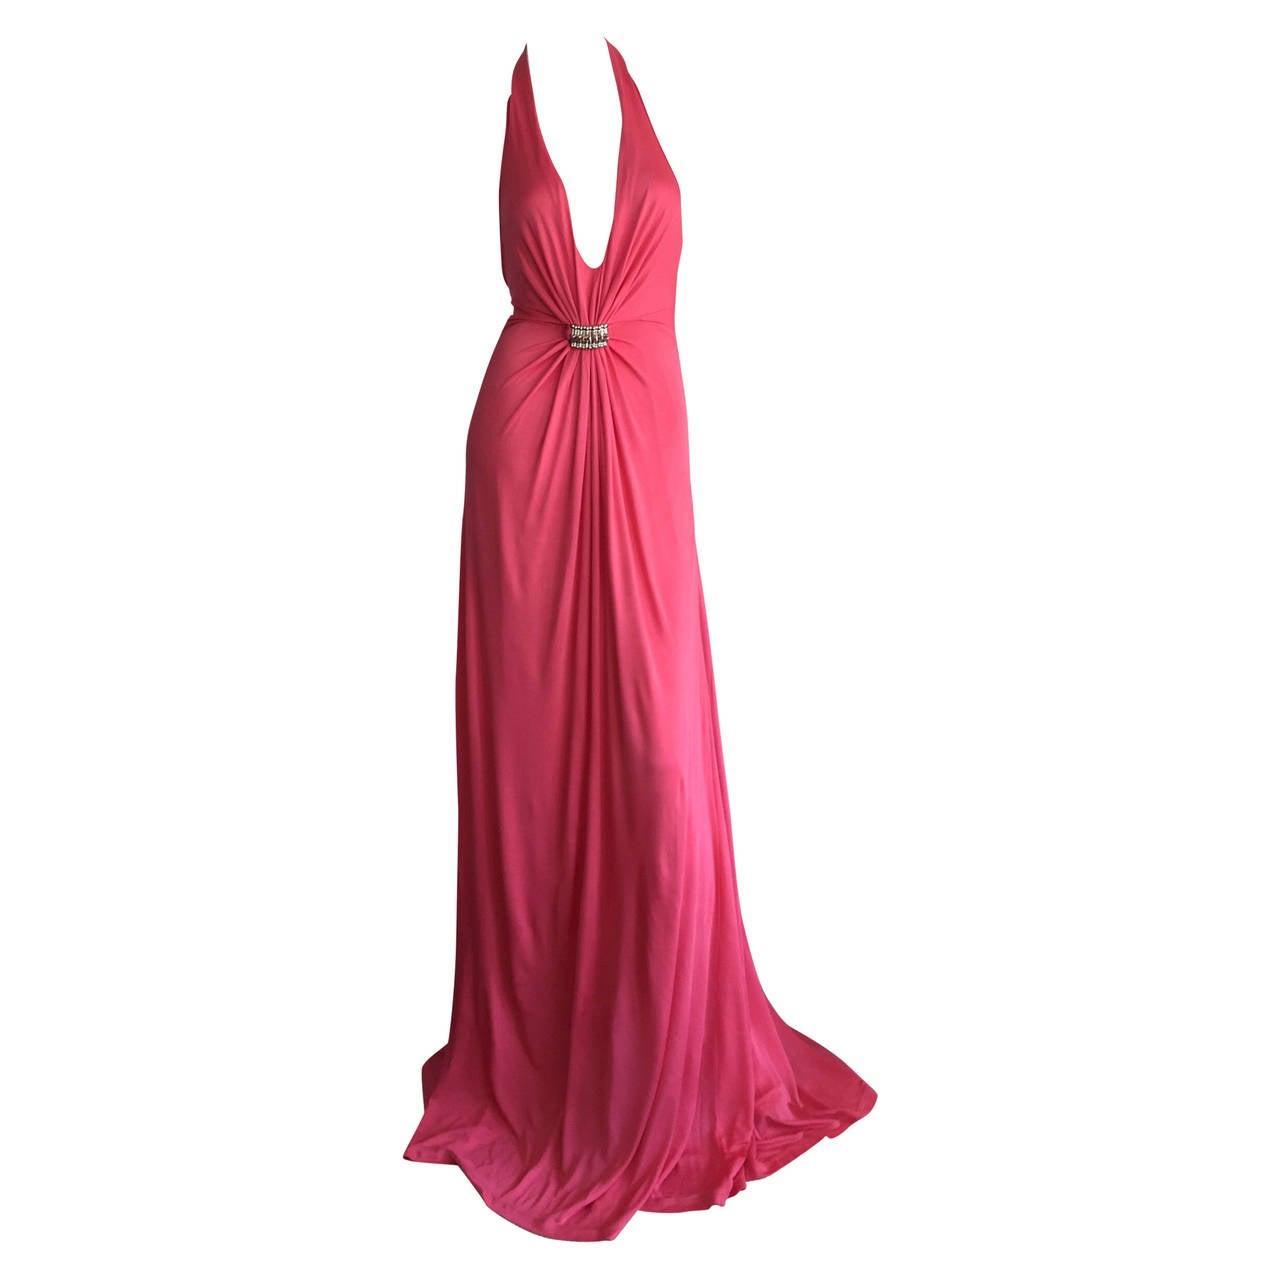 Byblos Pink Silk Jersey ' Plunge ' Pink Coral Halter Gown w/ Spikes 1